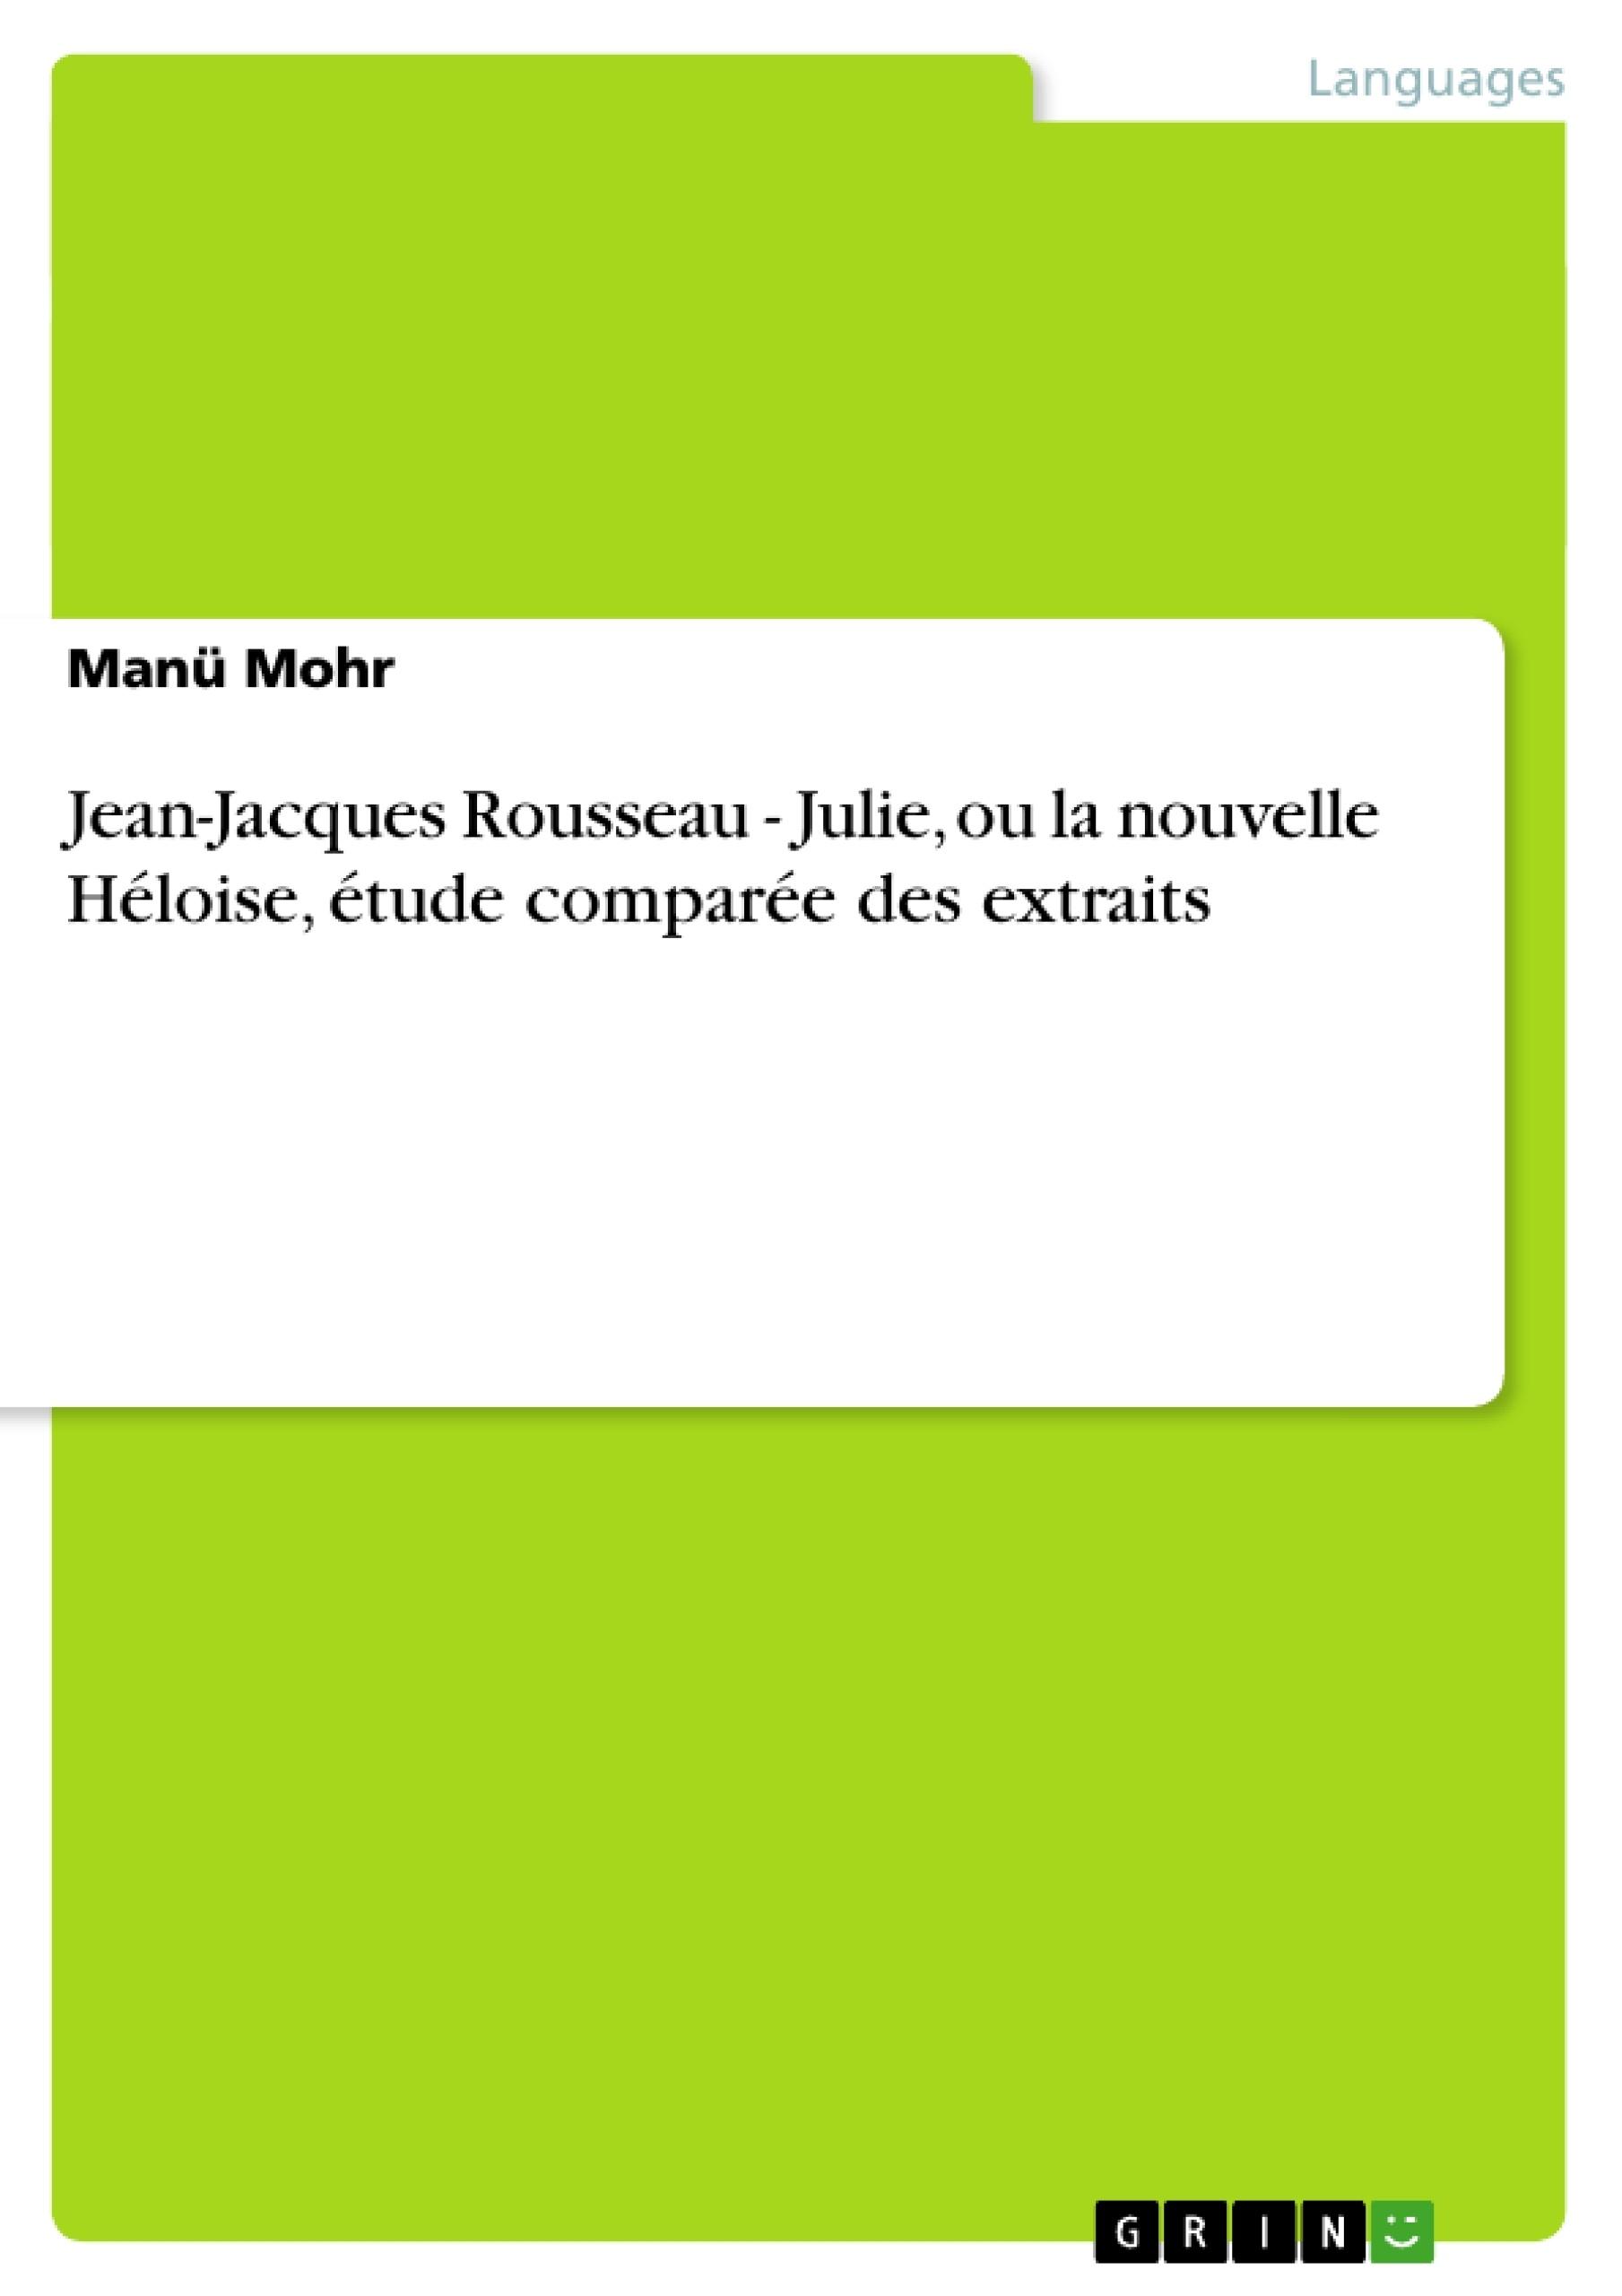 Titre: Jean-Jacques Rousseau - Julie, ou la nouvelle Héloise, étude comparée des extraits